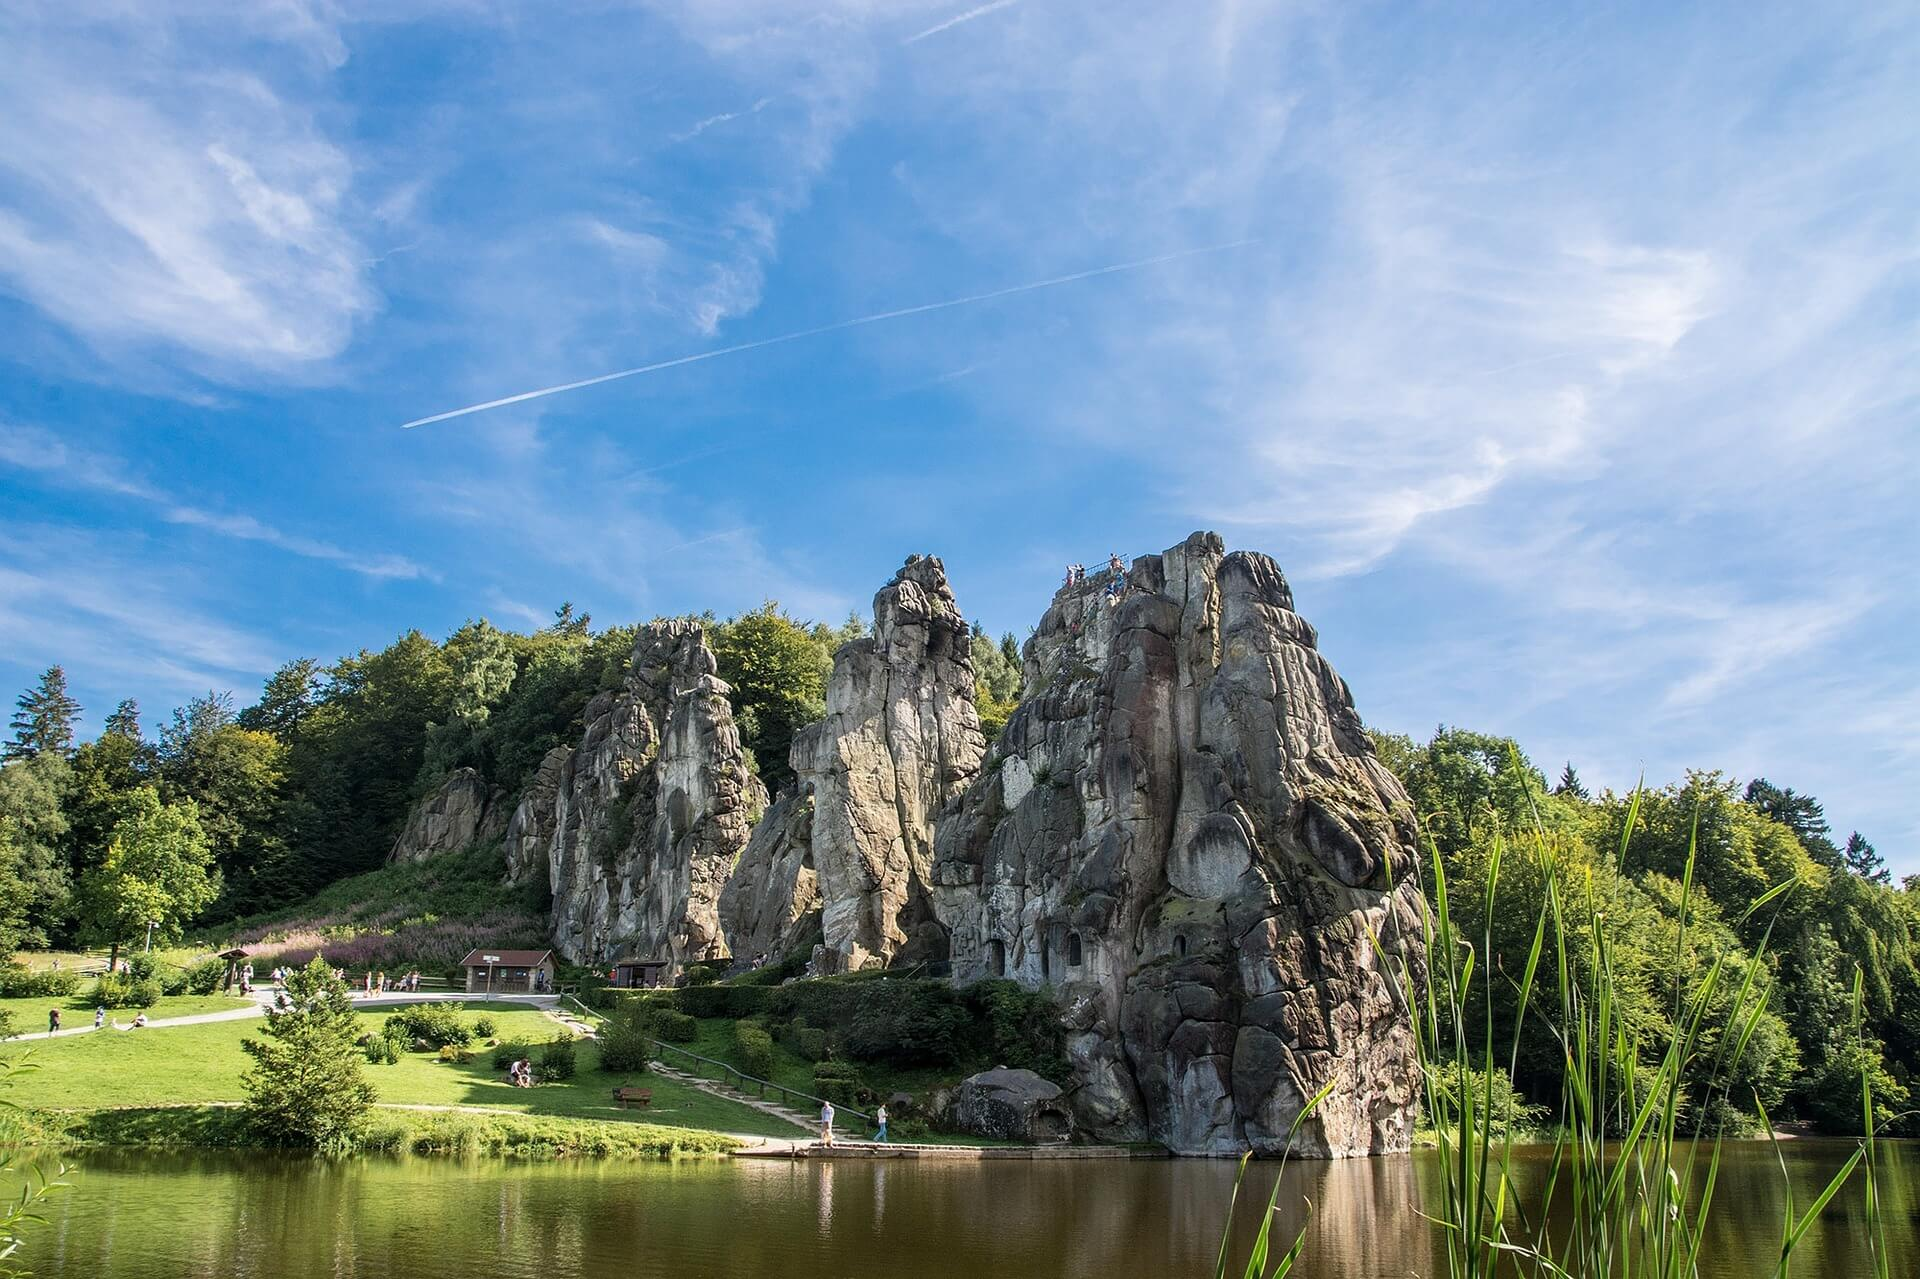 Der Anblick der Externsteine am Ende des Waldwegs ist beeindruckend: Die Felsformation ragt bis zu 40 Meter in die Höhe, zwei der riesigen Steine sind durch eine filigrane Brücke aus dem 19. Jahrhundert verbunden. Davor erstreckt sich ein See, hinter den Steinen wieder der Wald. Zu sehen gibt es ein Trogbogengrab sowie ein Relief, das im Mittelalter in einen der Felsen gehauen wurde.